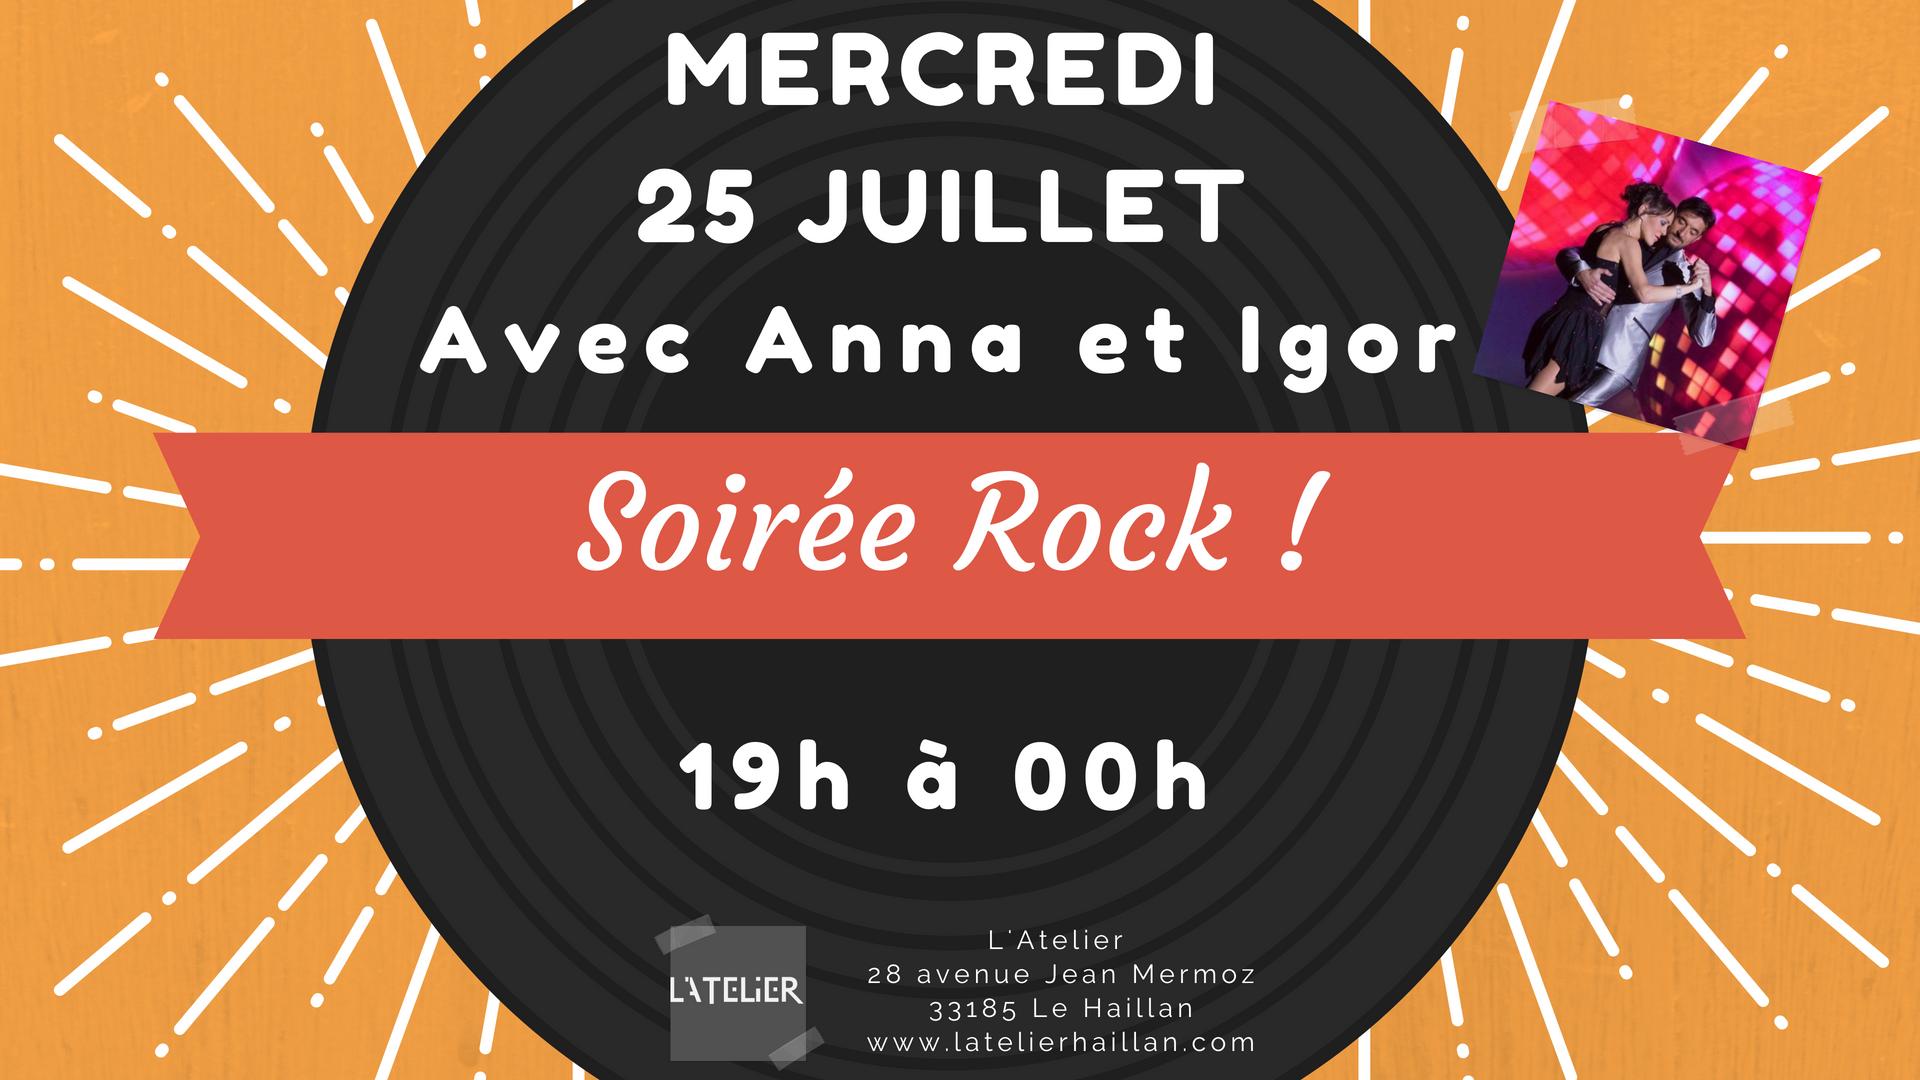 Soirée Rock avec Anna et Igor